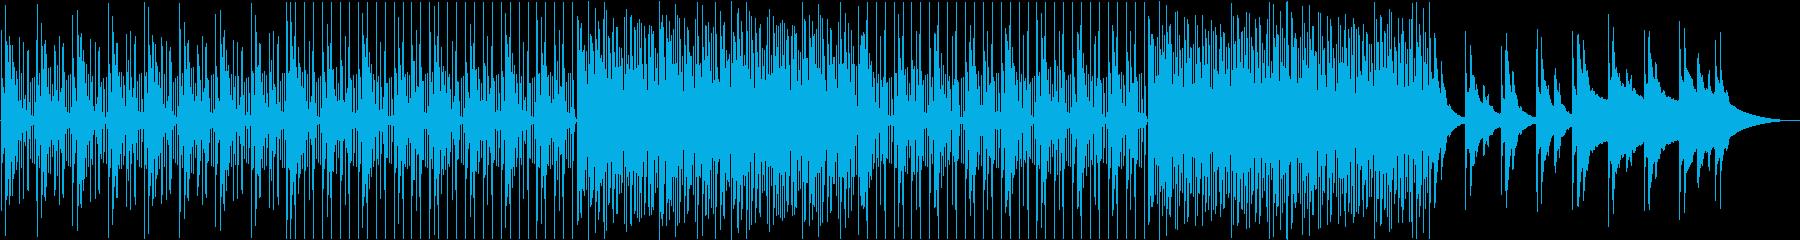 ピアノ主体の緩やかなBGMの再生済みの波形